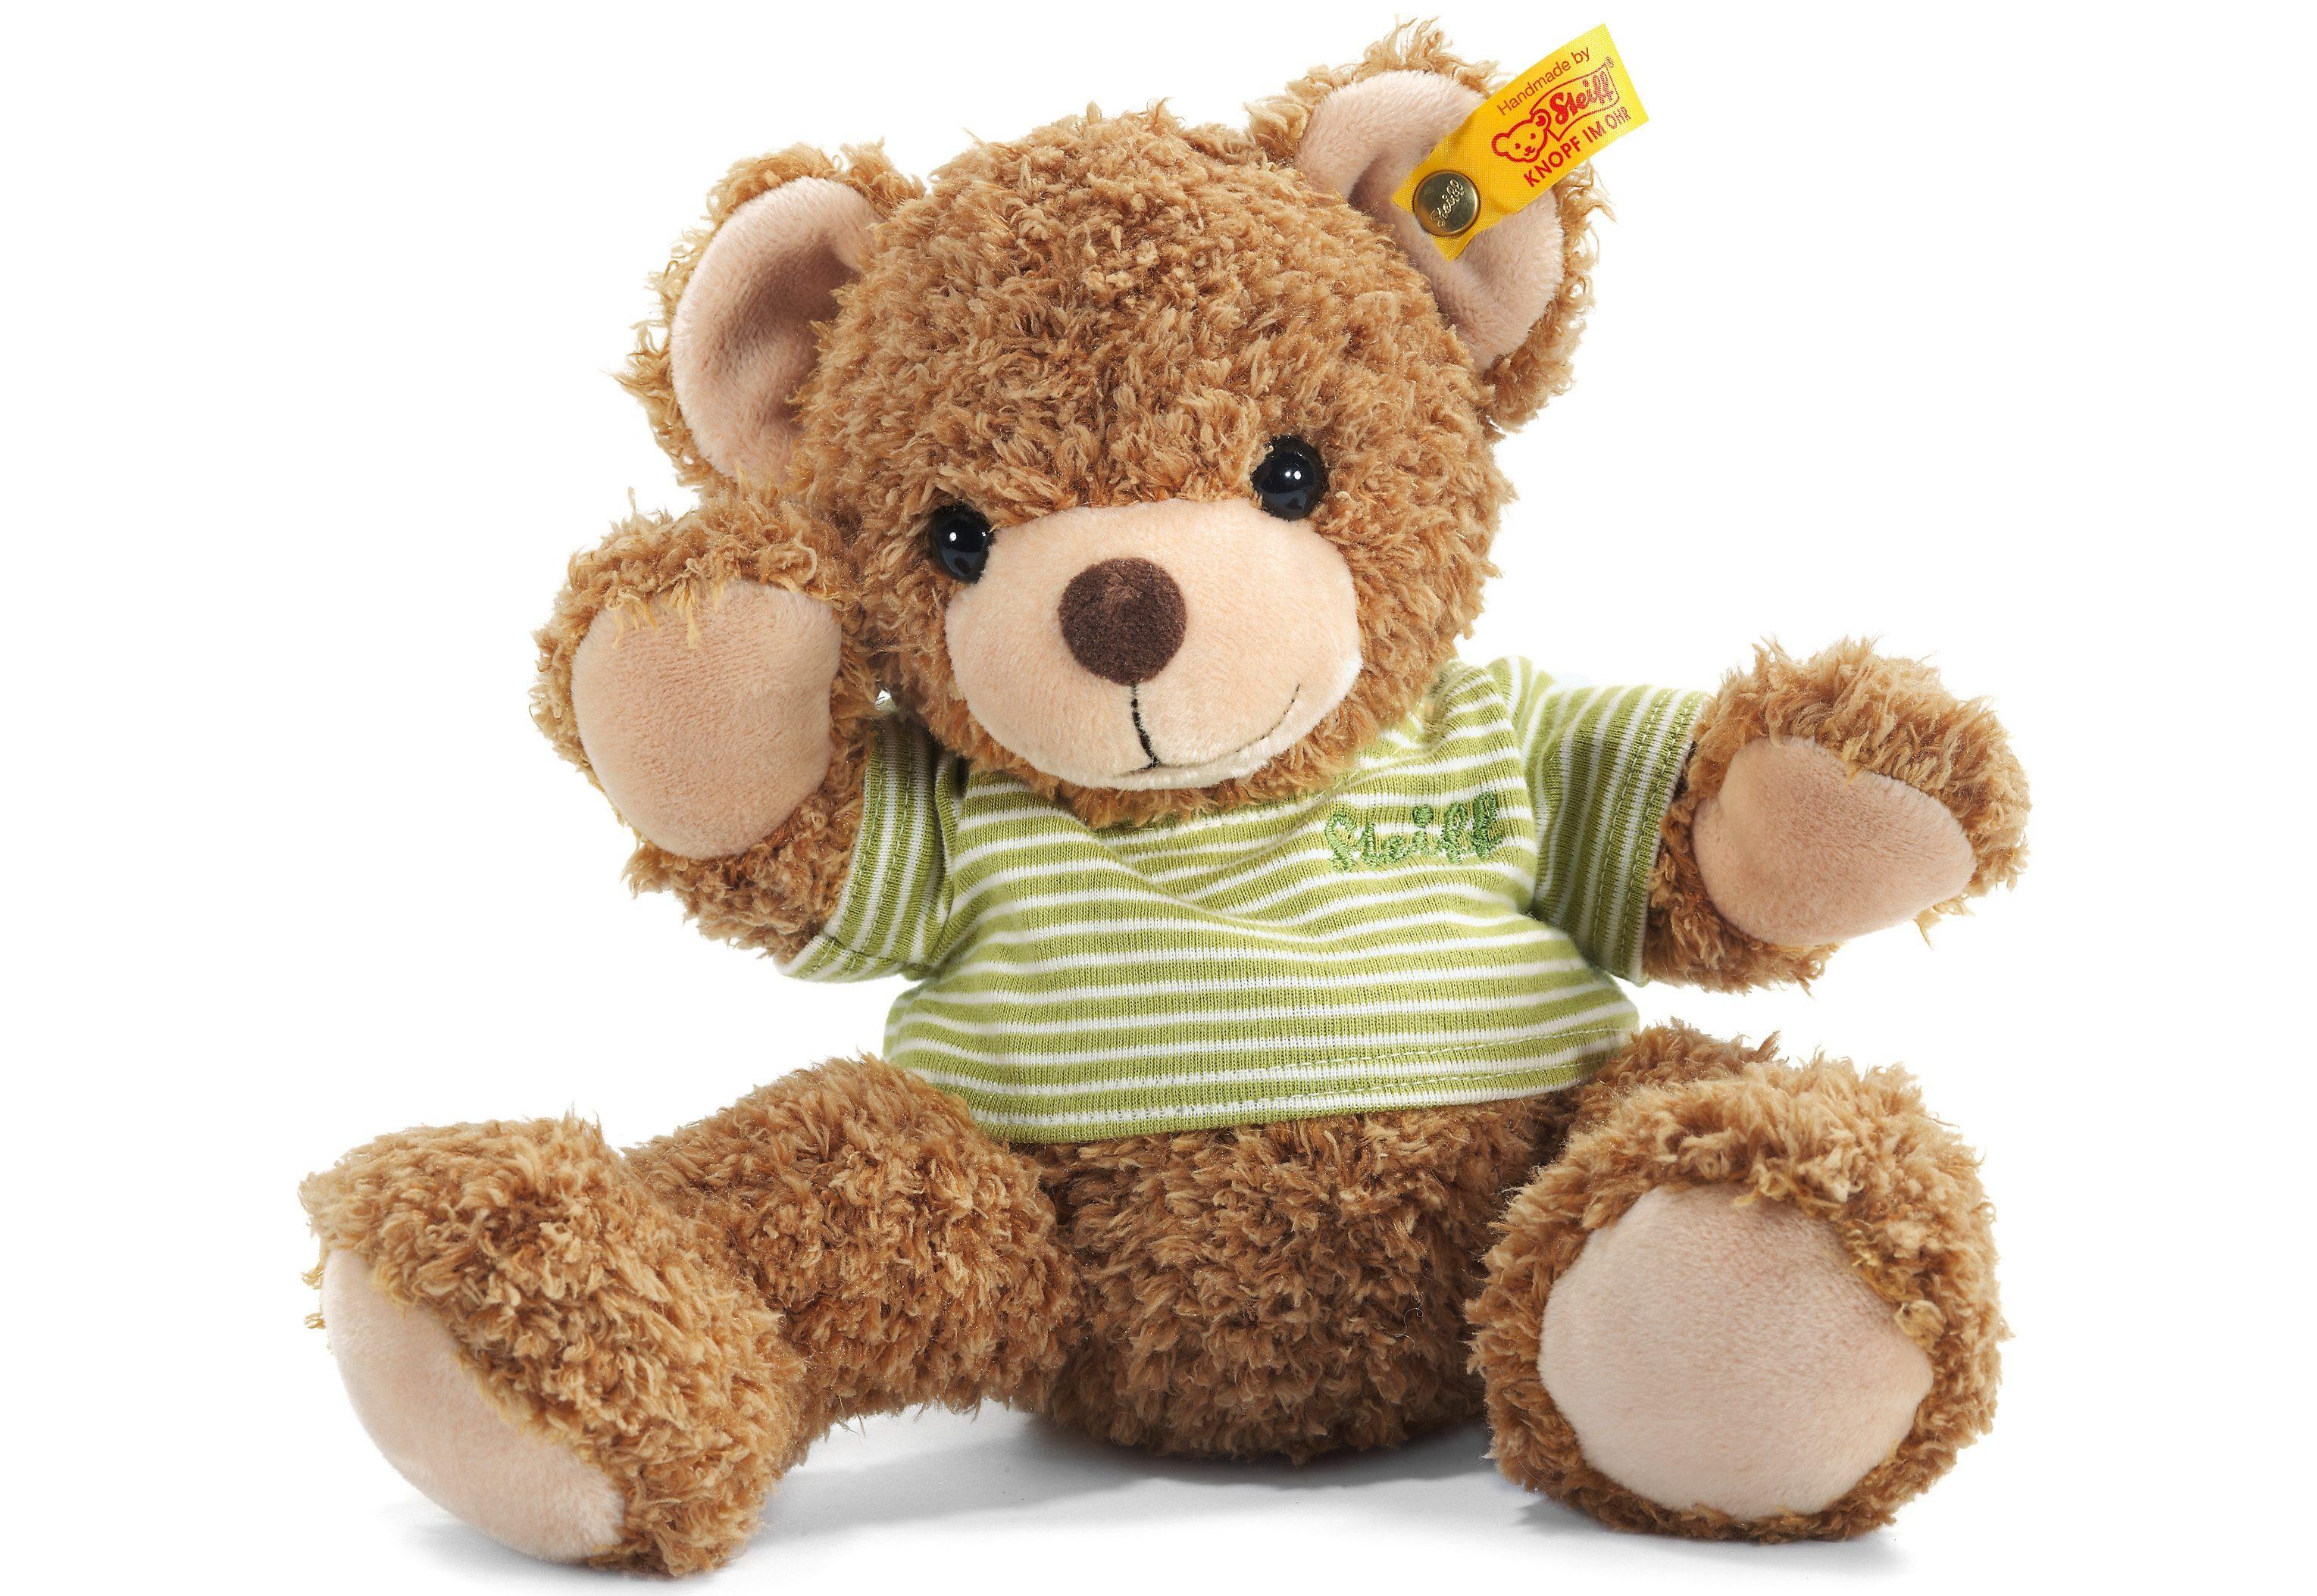 Steiff Plüschtier, »Knuffi Teddybär«